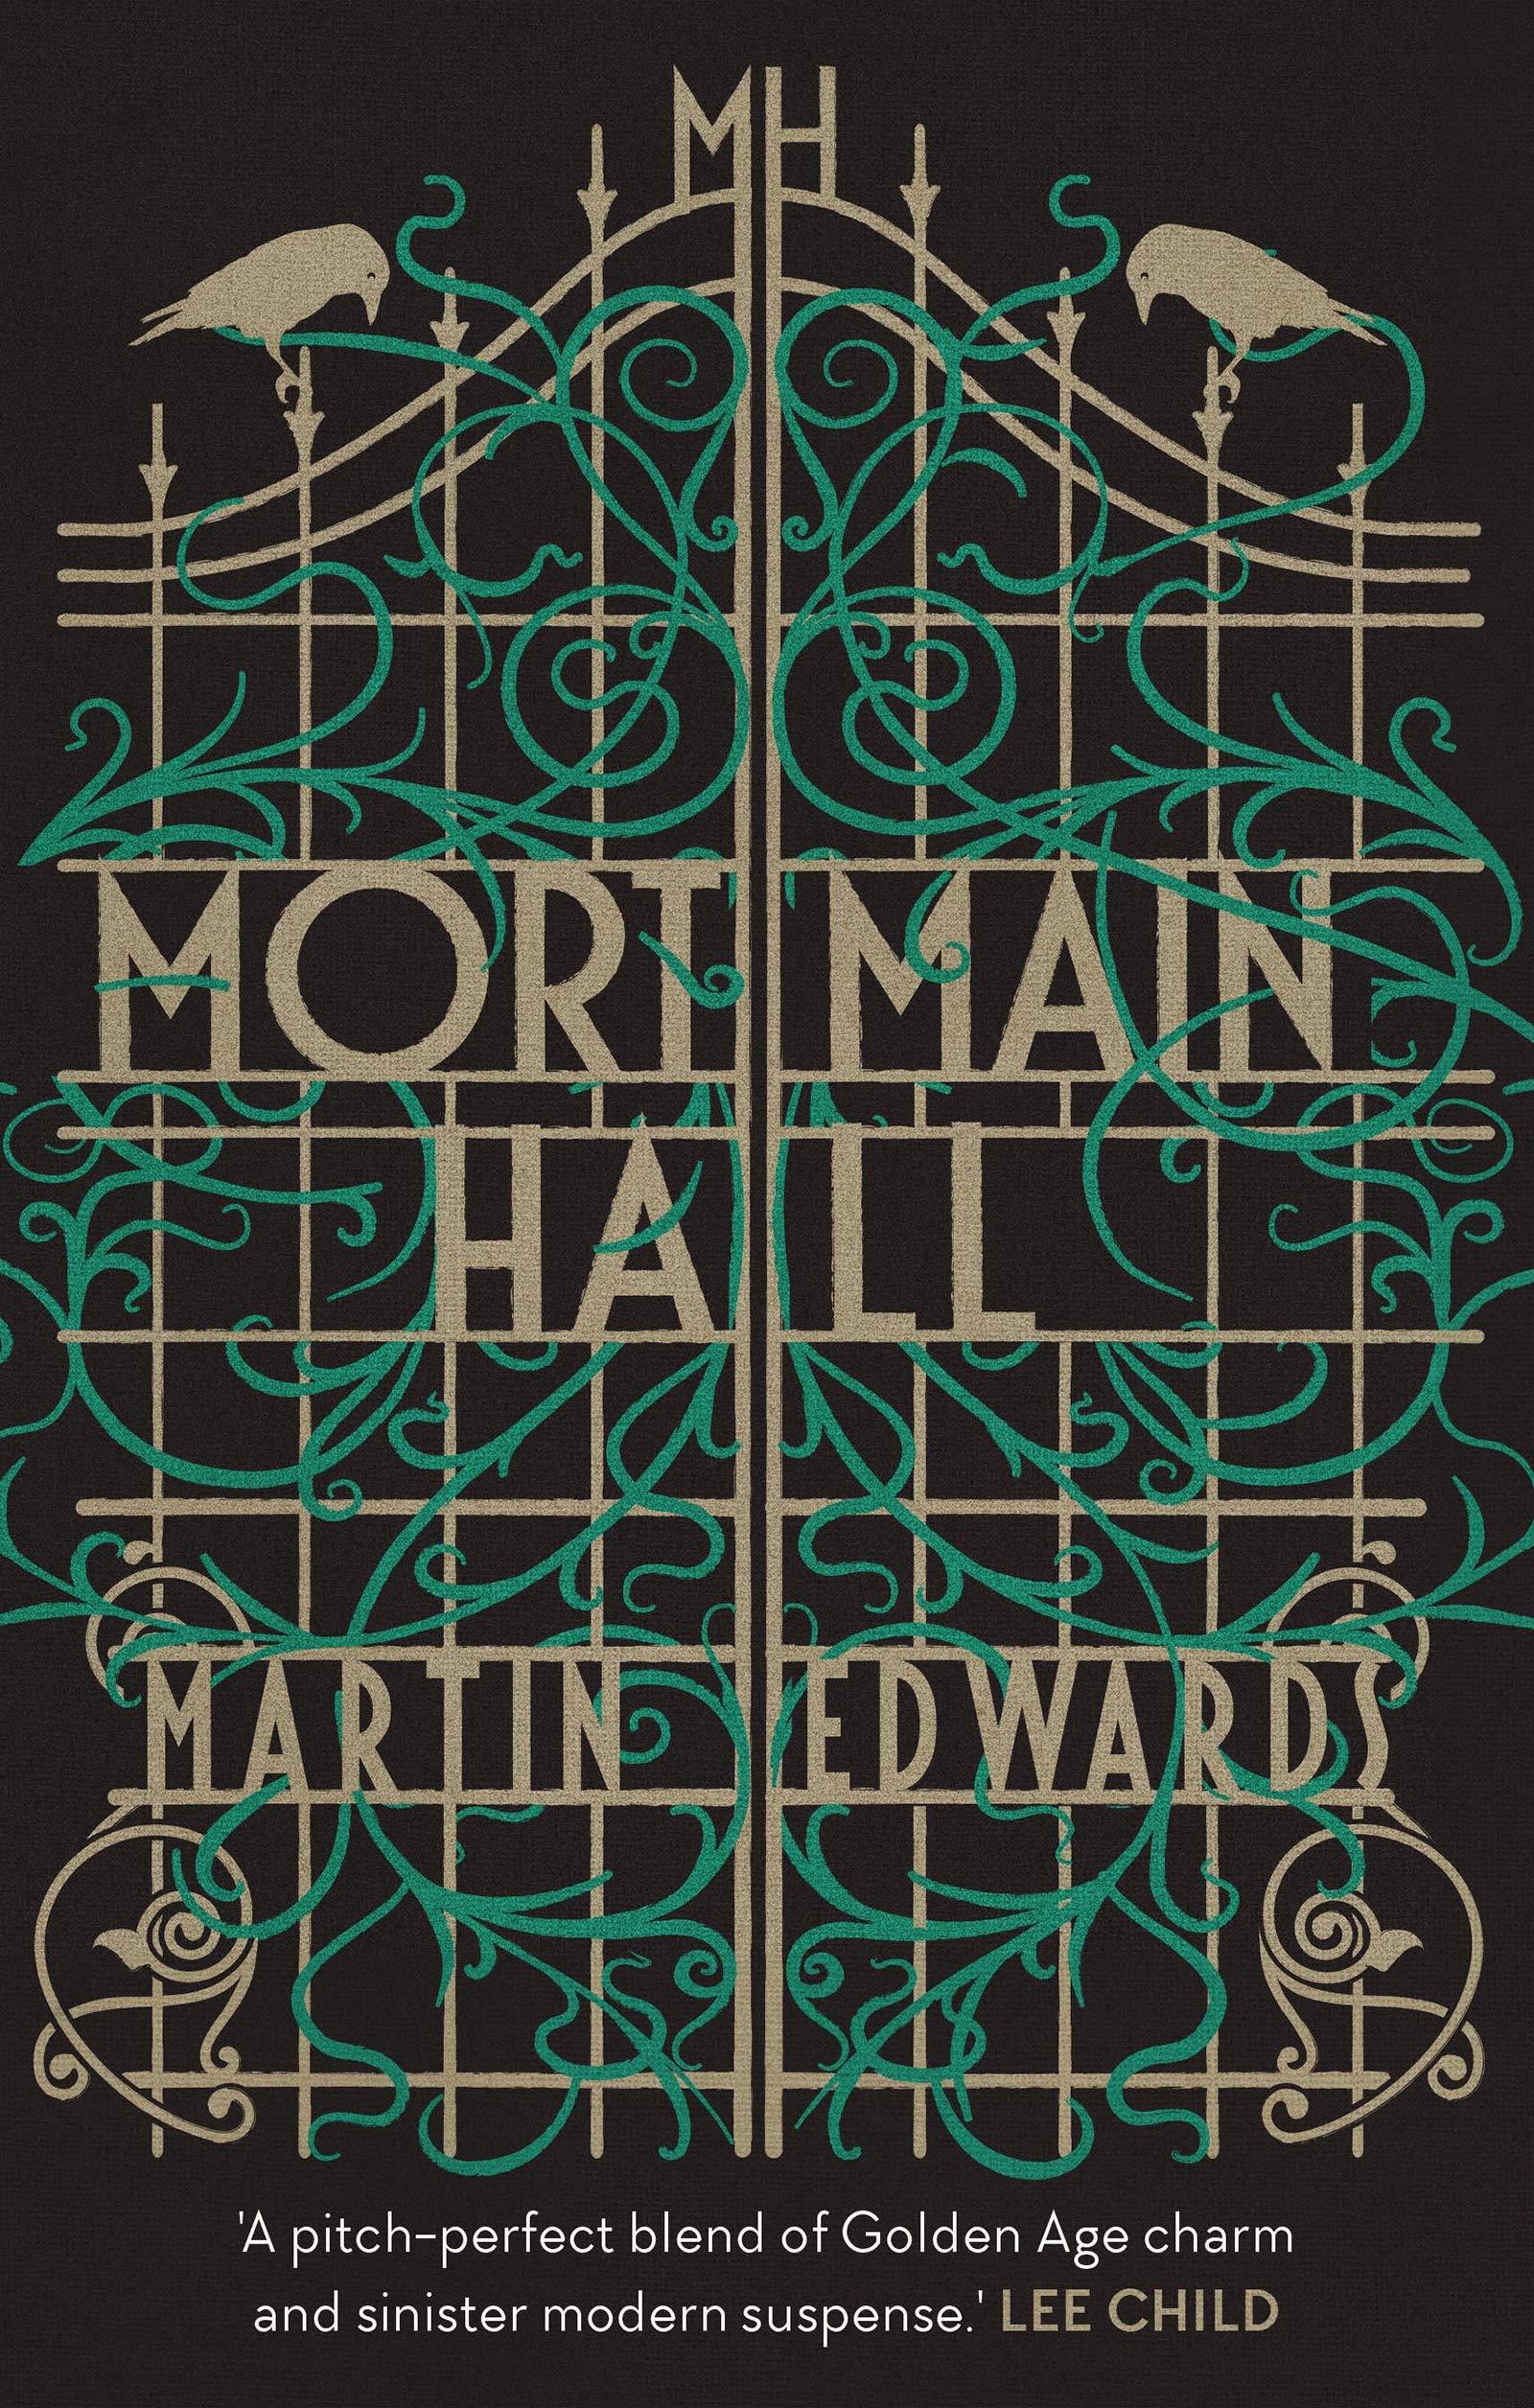 Mortmain Hall: Amazon.co.uk: Martin Edwards: 9781788546126: Books